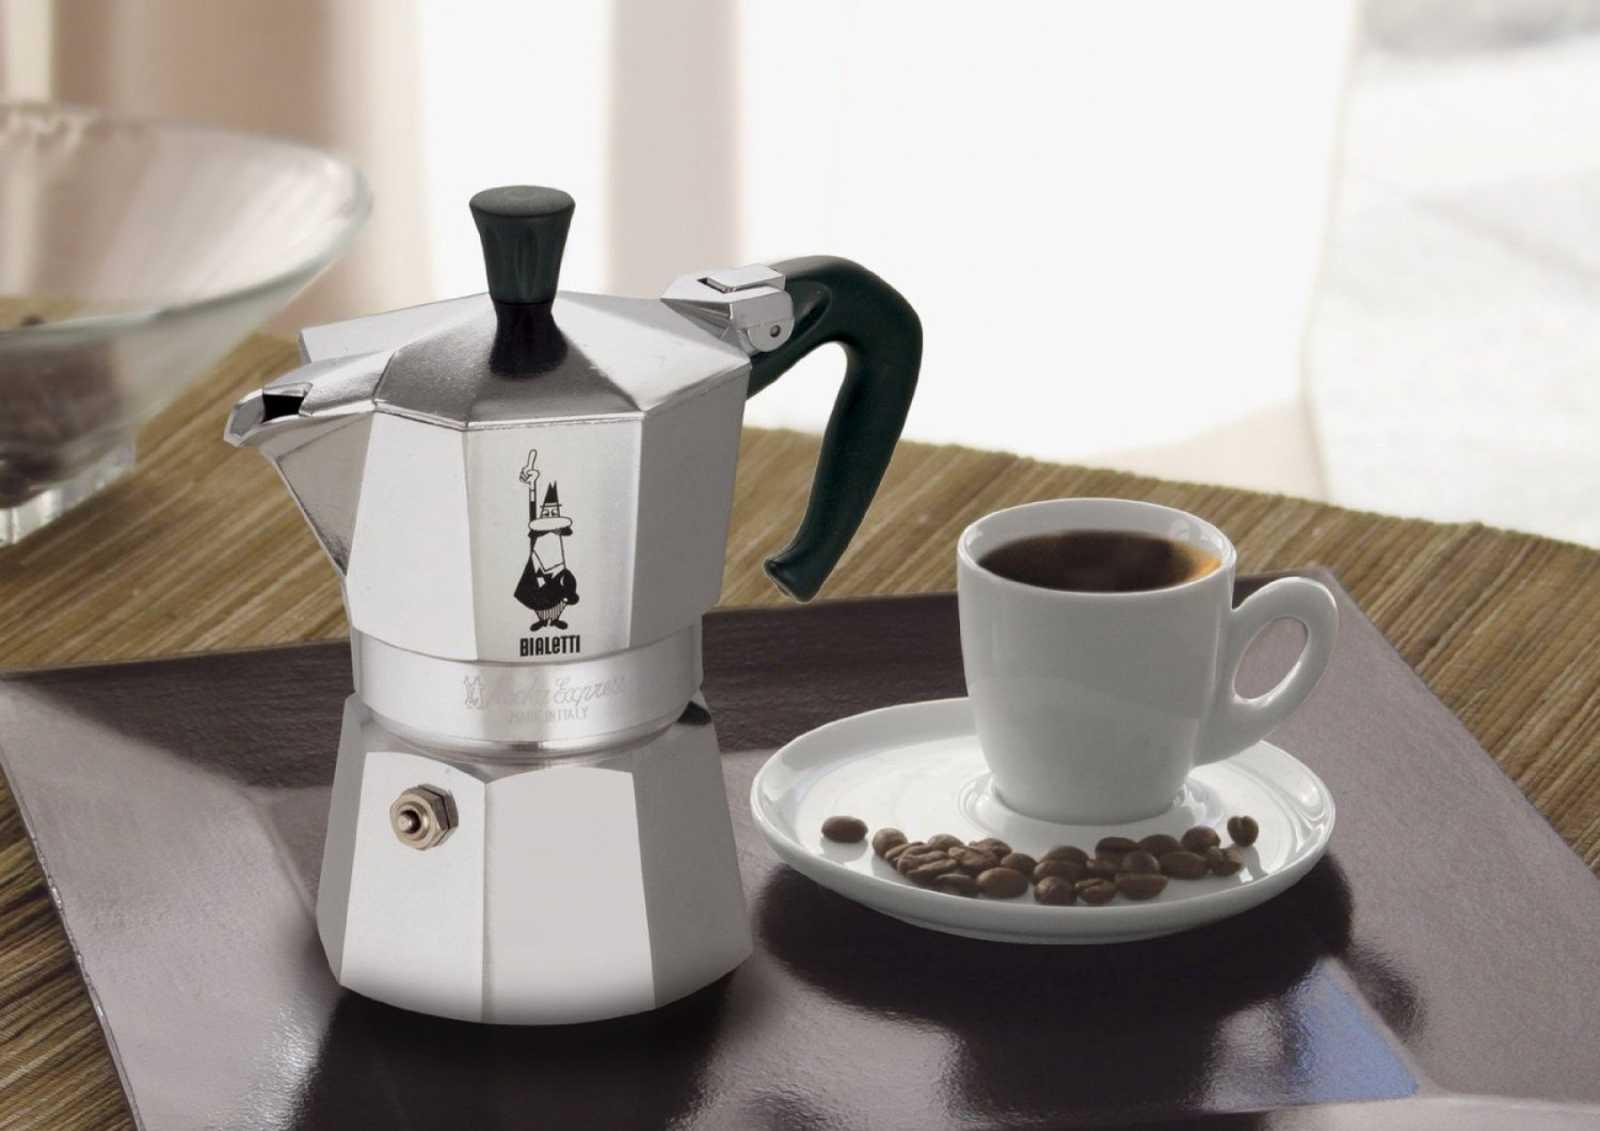 """Кофеварка гейзерная """"Moka express""""  на 6 чашек Bialetti MOKA EXPRESS, серебристый Bialetti 0001163 фото 1"""